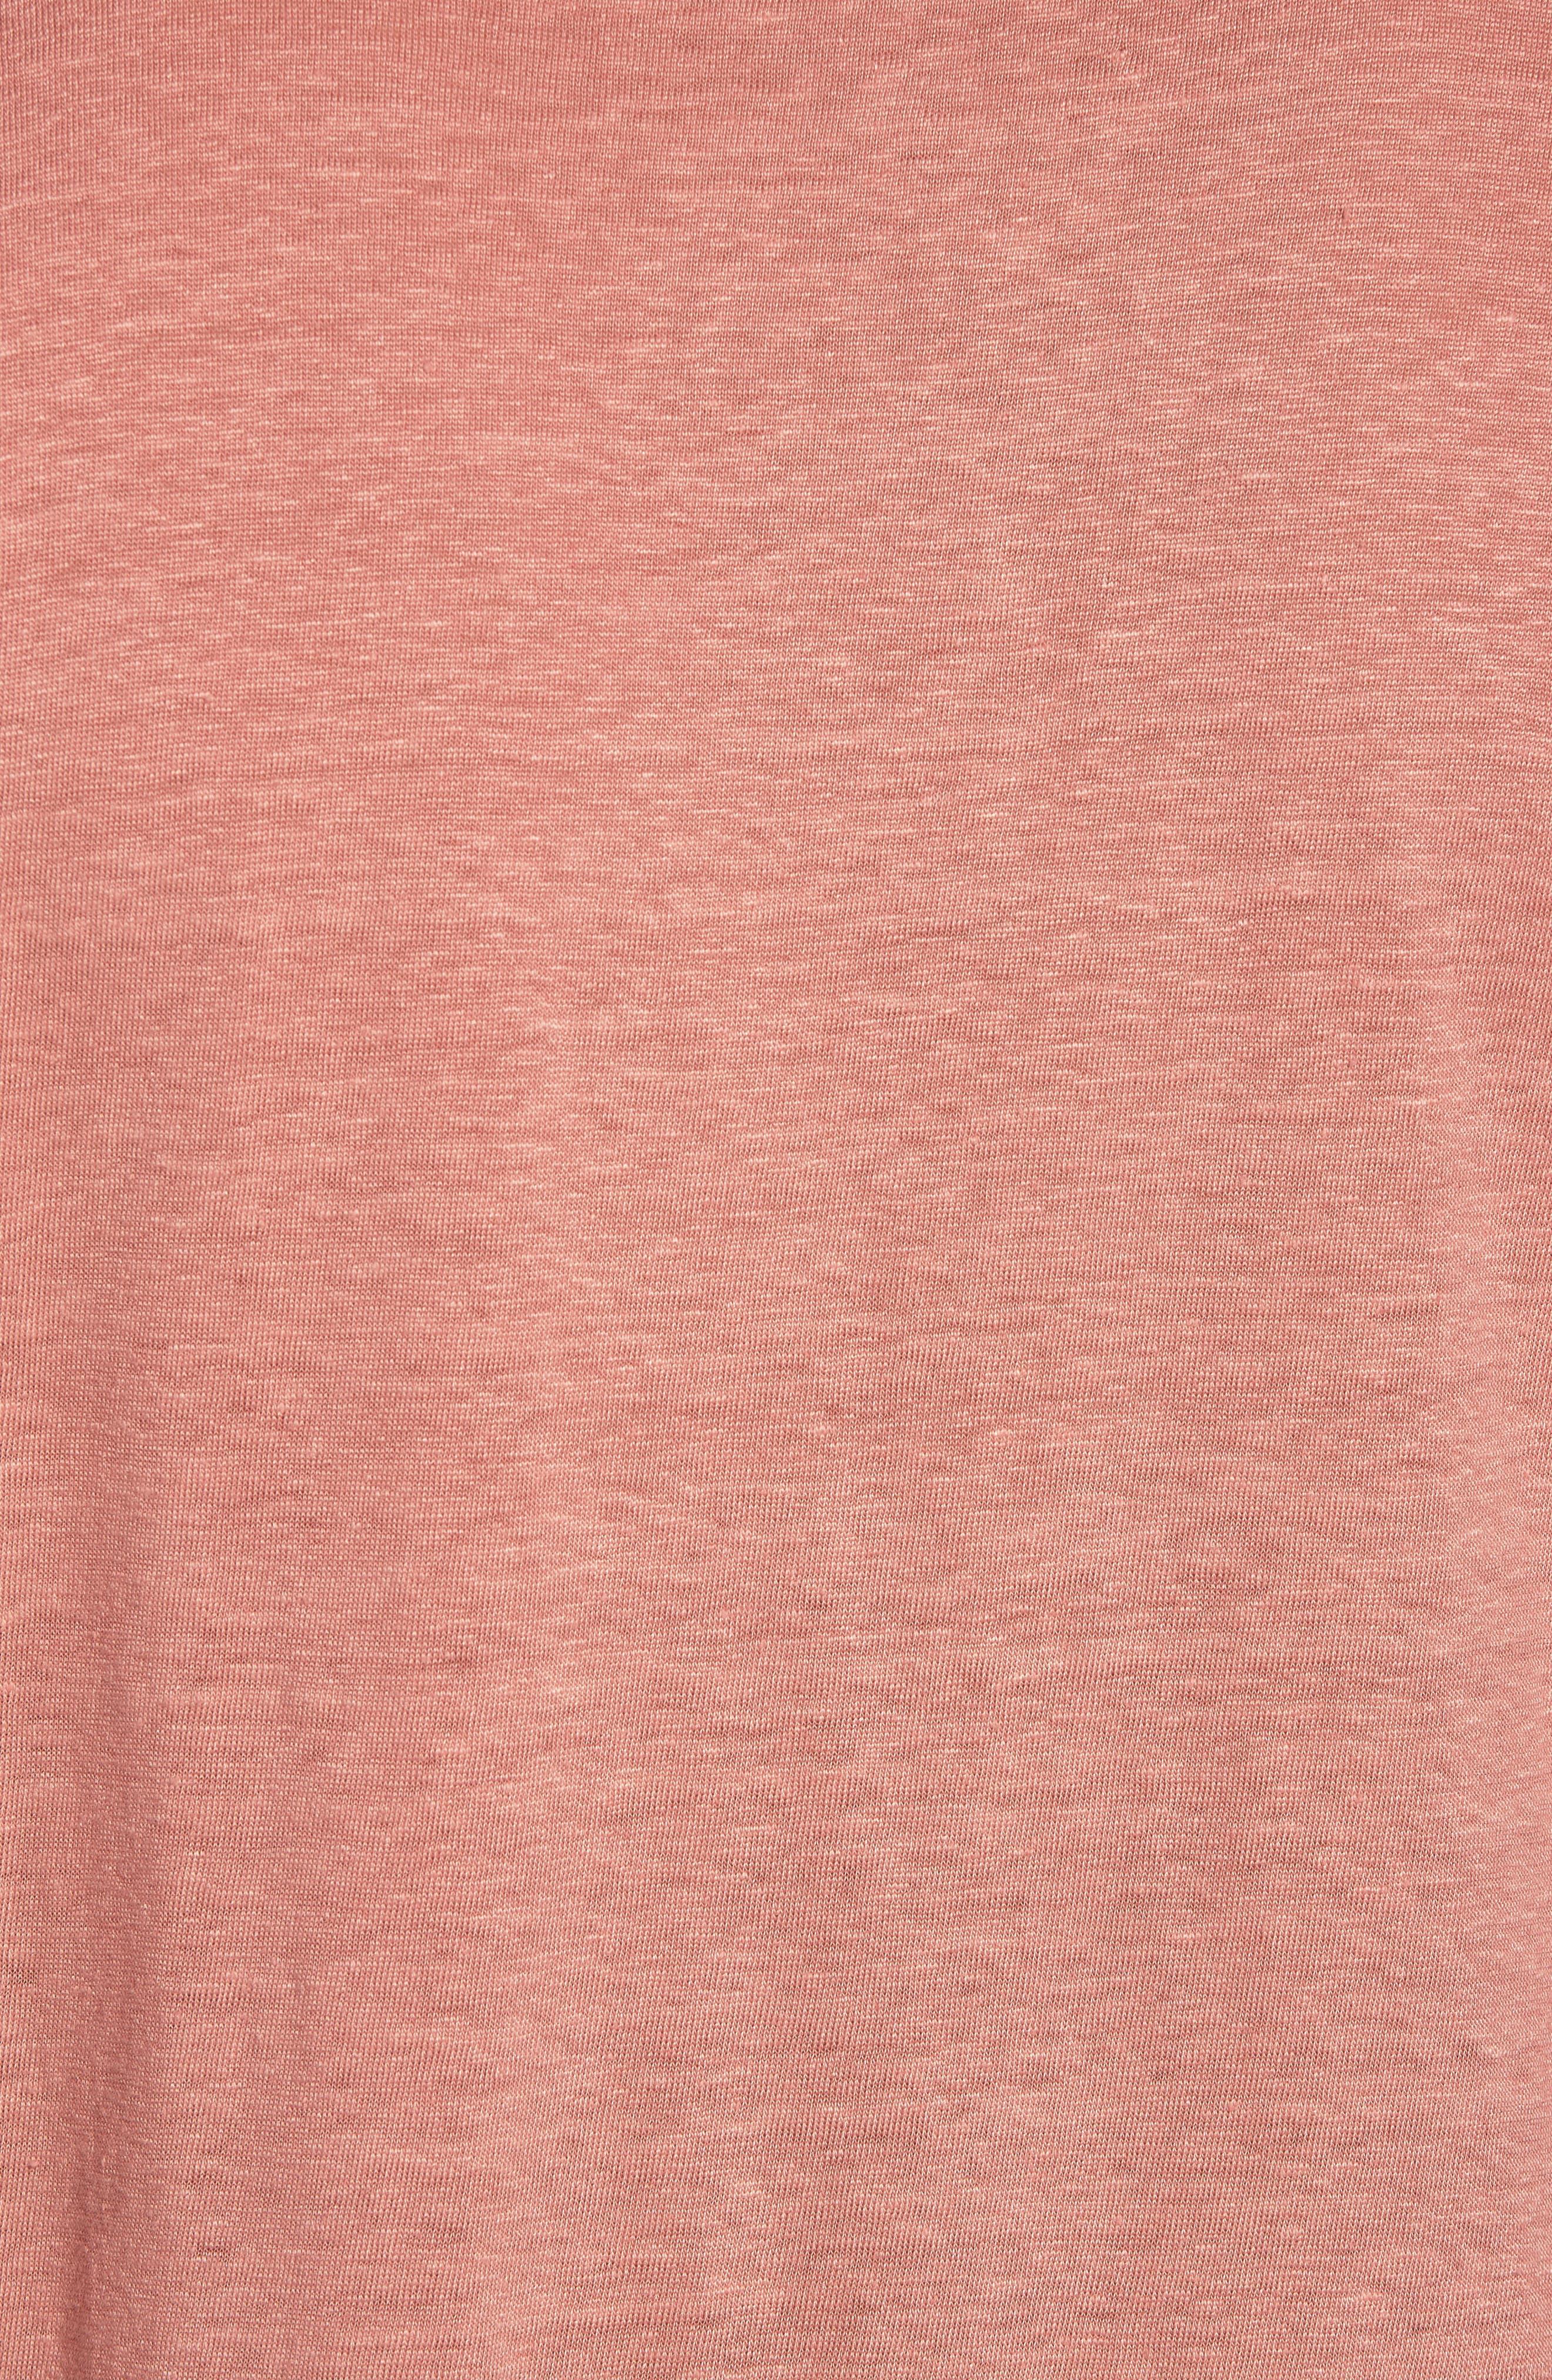 Hugo Boss Tiburt Linen T-Shirt,                             Alternate thumbnail 5, color,                             631